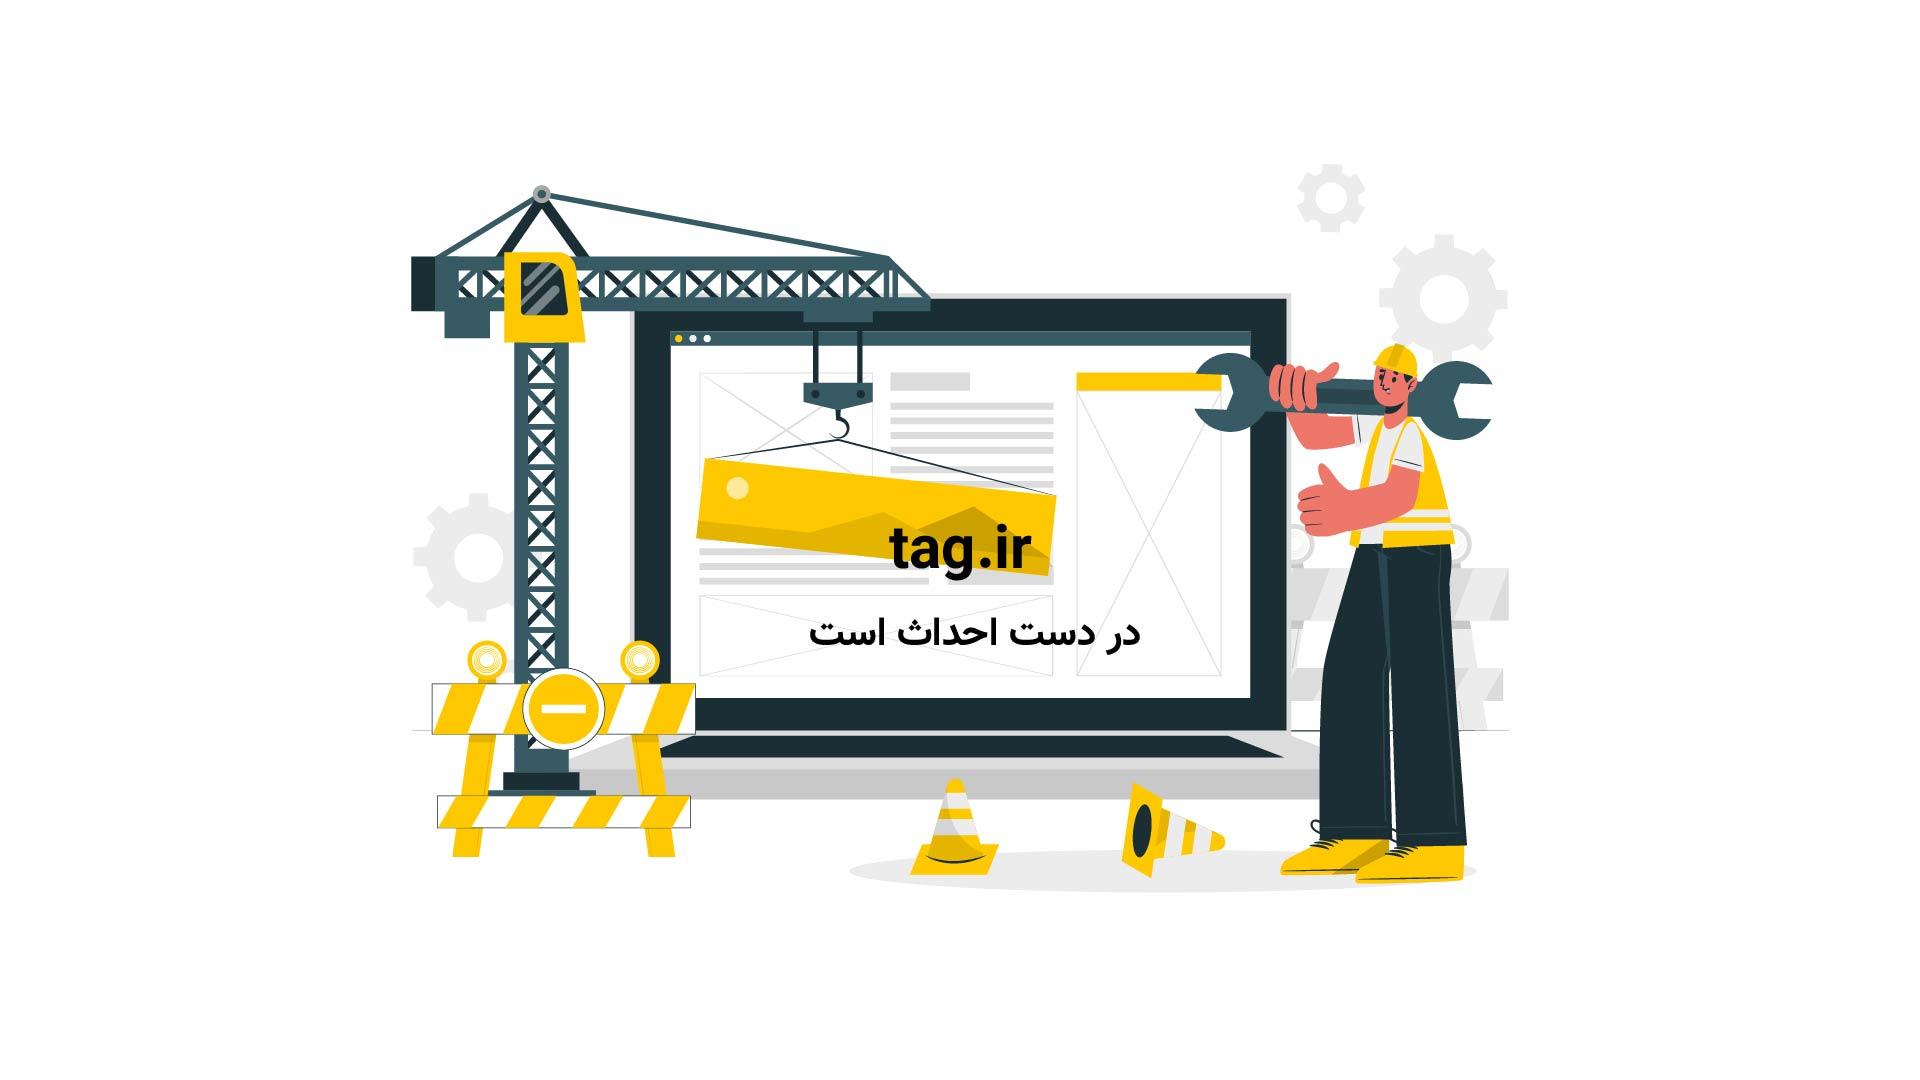 شکست والیبال ایران در گام نخست مقابل فرانسه | فیلم